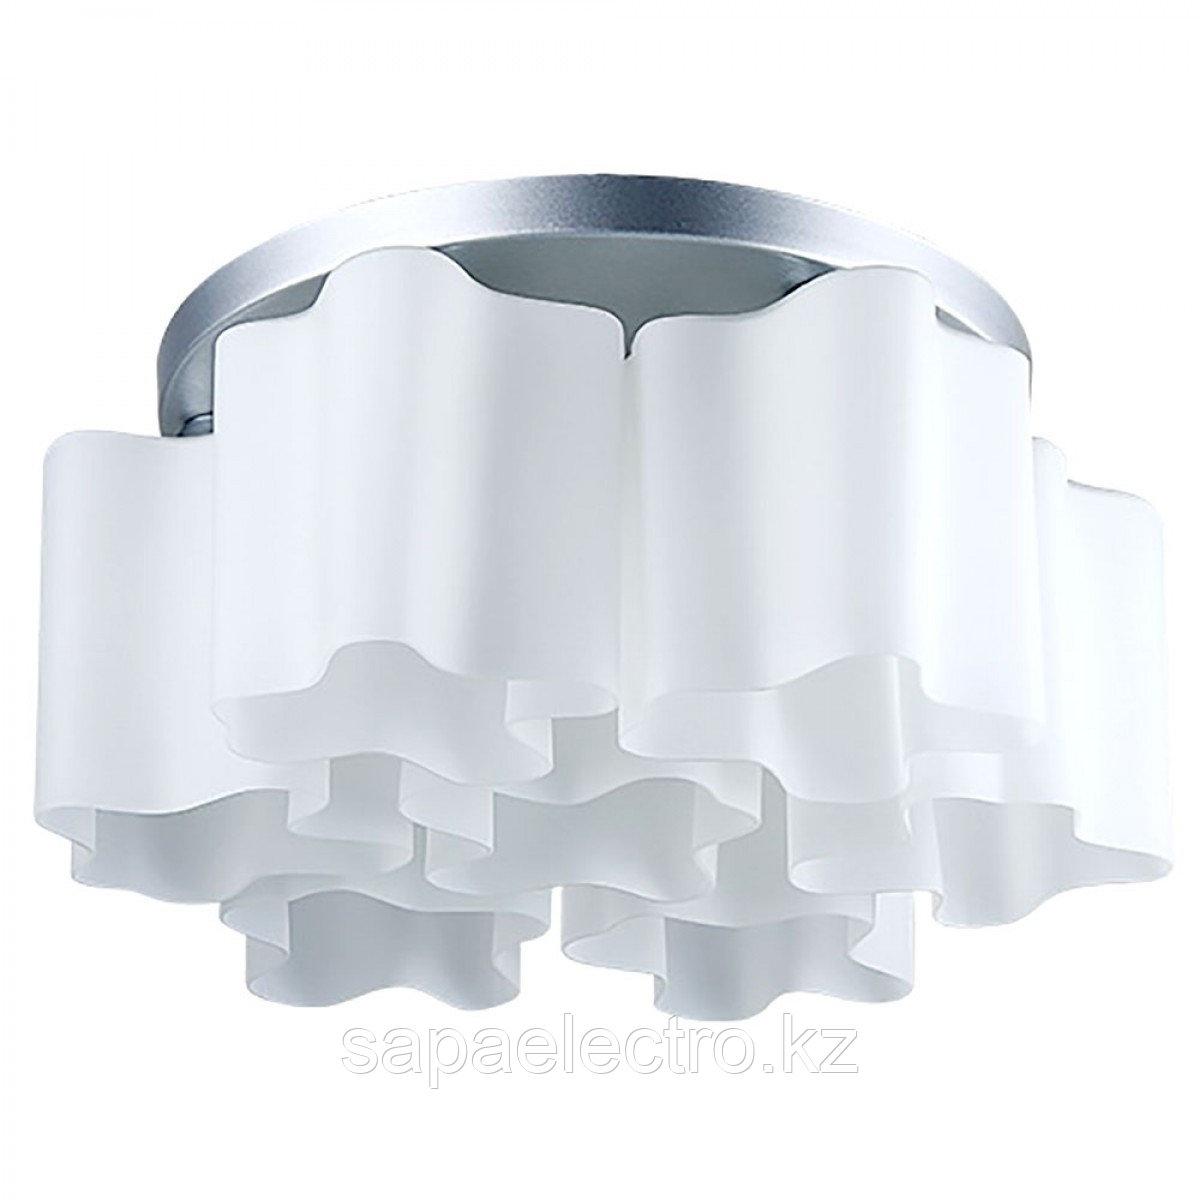 Люстра SL028-7 E27 40W MATT WHITE (ASYA AVIZE)1шт